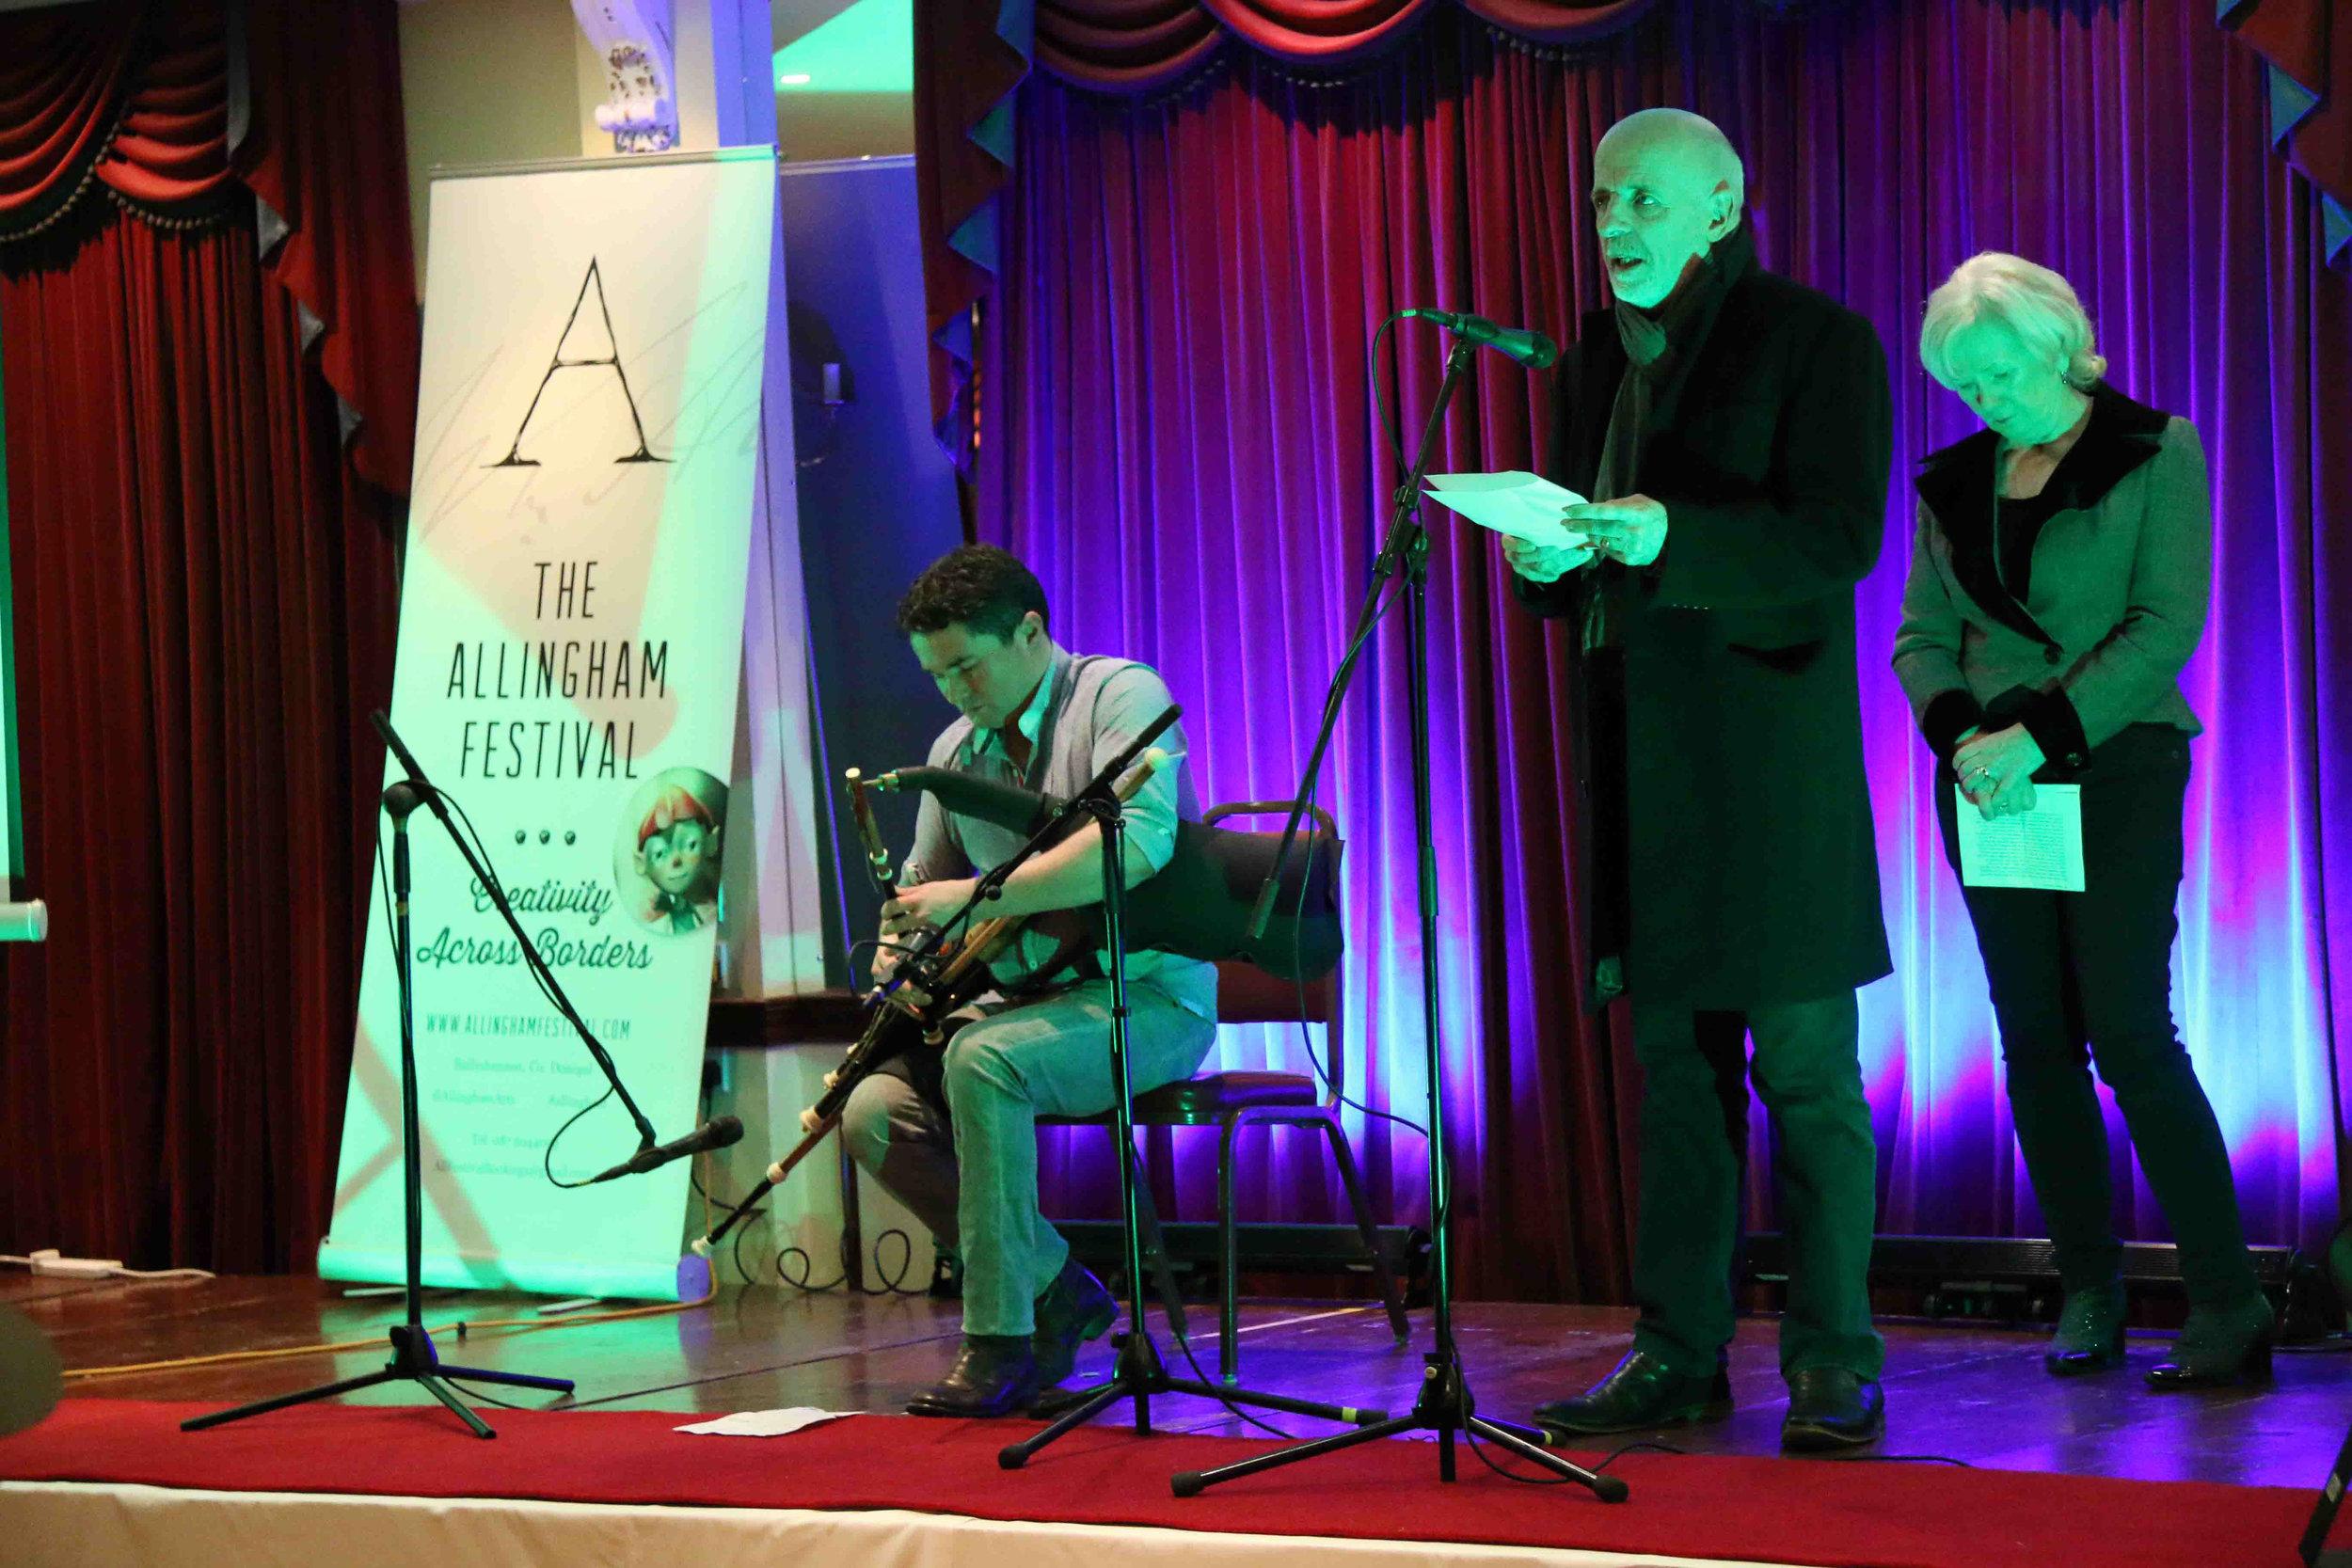 Comóradh Éamonn Ceannt - Allingham Festival 2016 - Friday Nov. 4th - Dorrian's Hotel-14.jpg